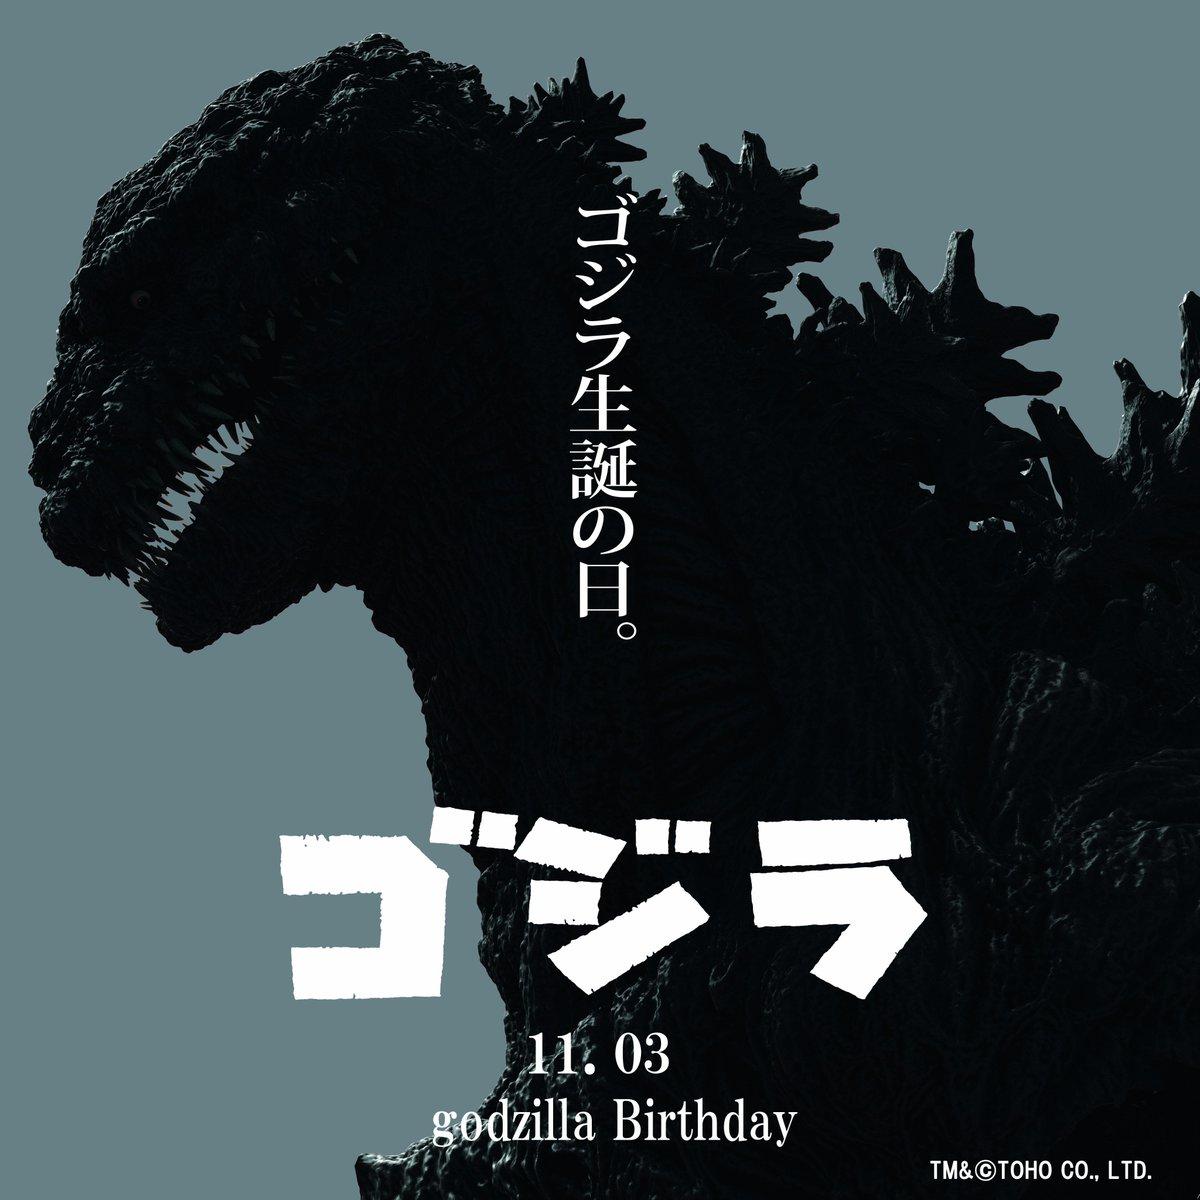 【ゴジラ生誕記念】62年前の今日、1954年11月3日に映画「ゴジラ」が公開されました。今日はゴジラの誕生日!ゴジラ生誕イベントが各地で開催中です!